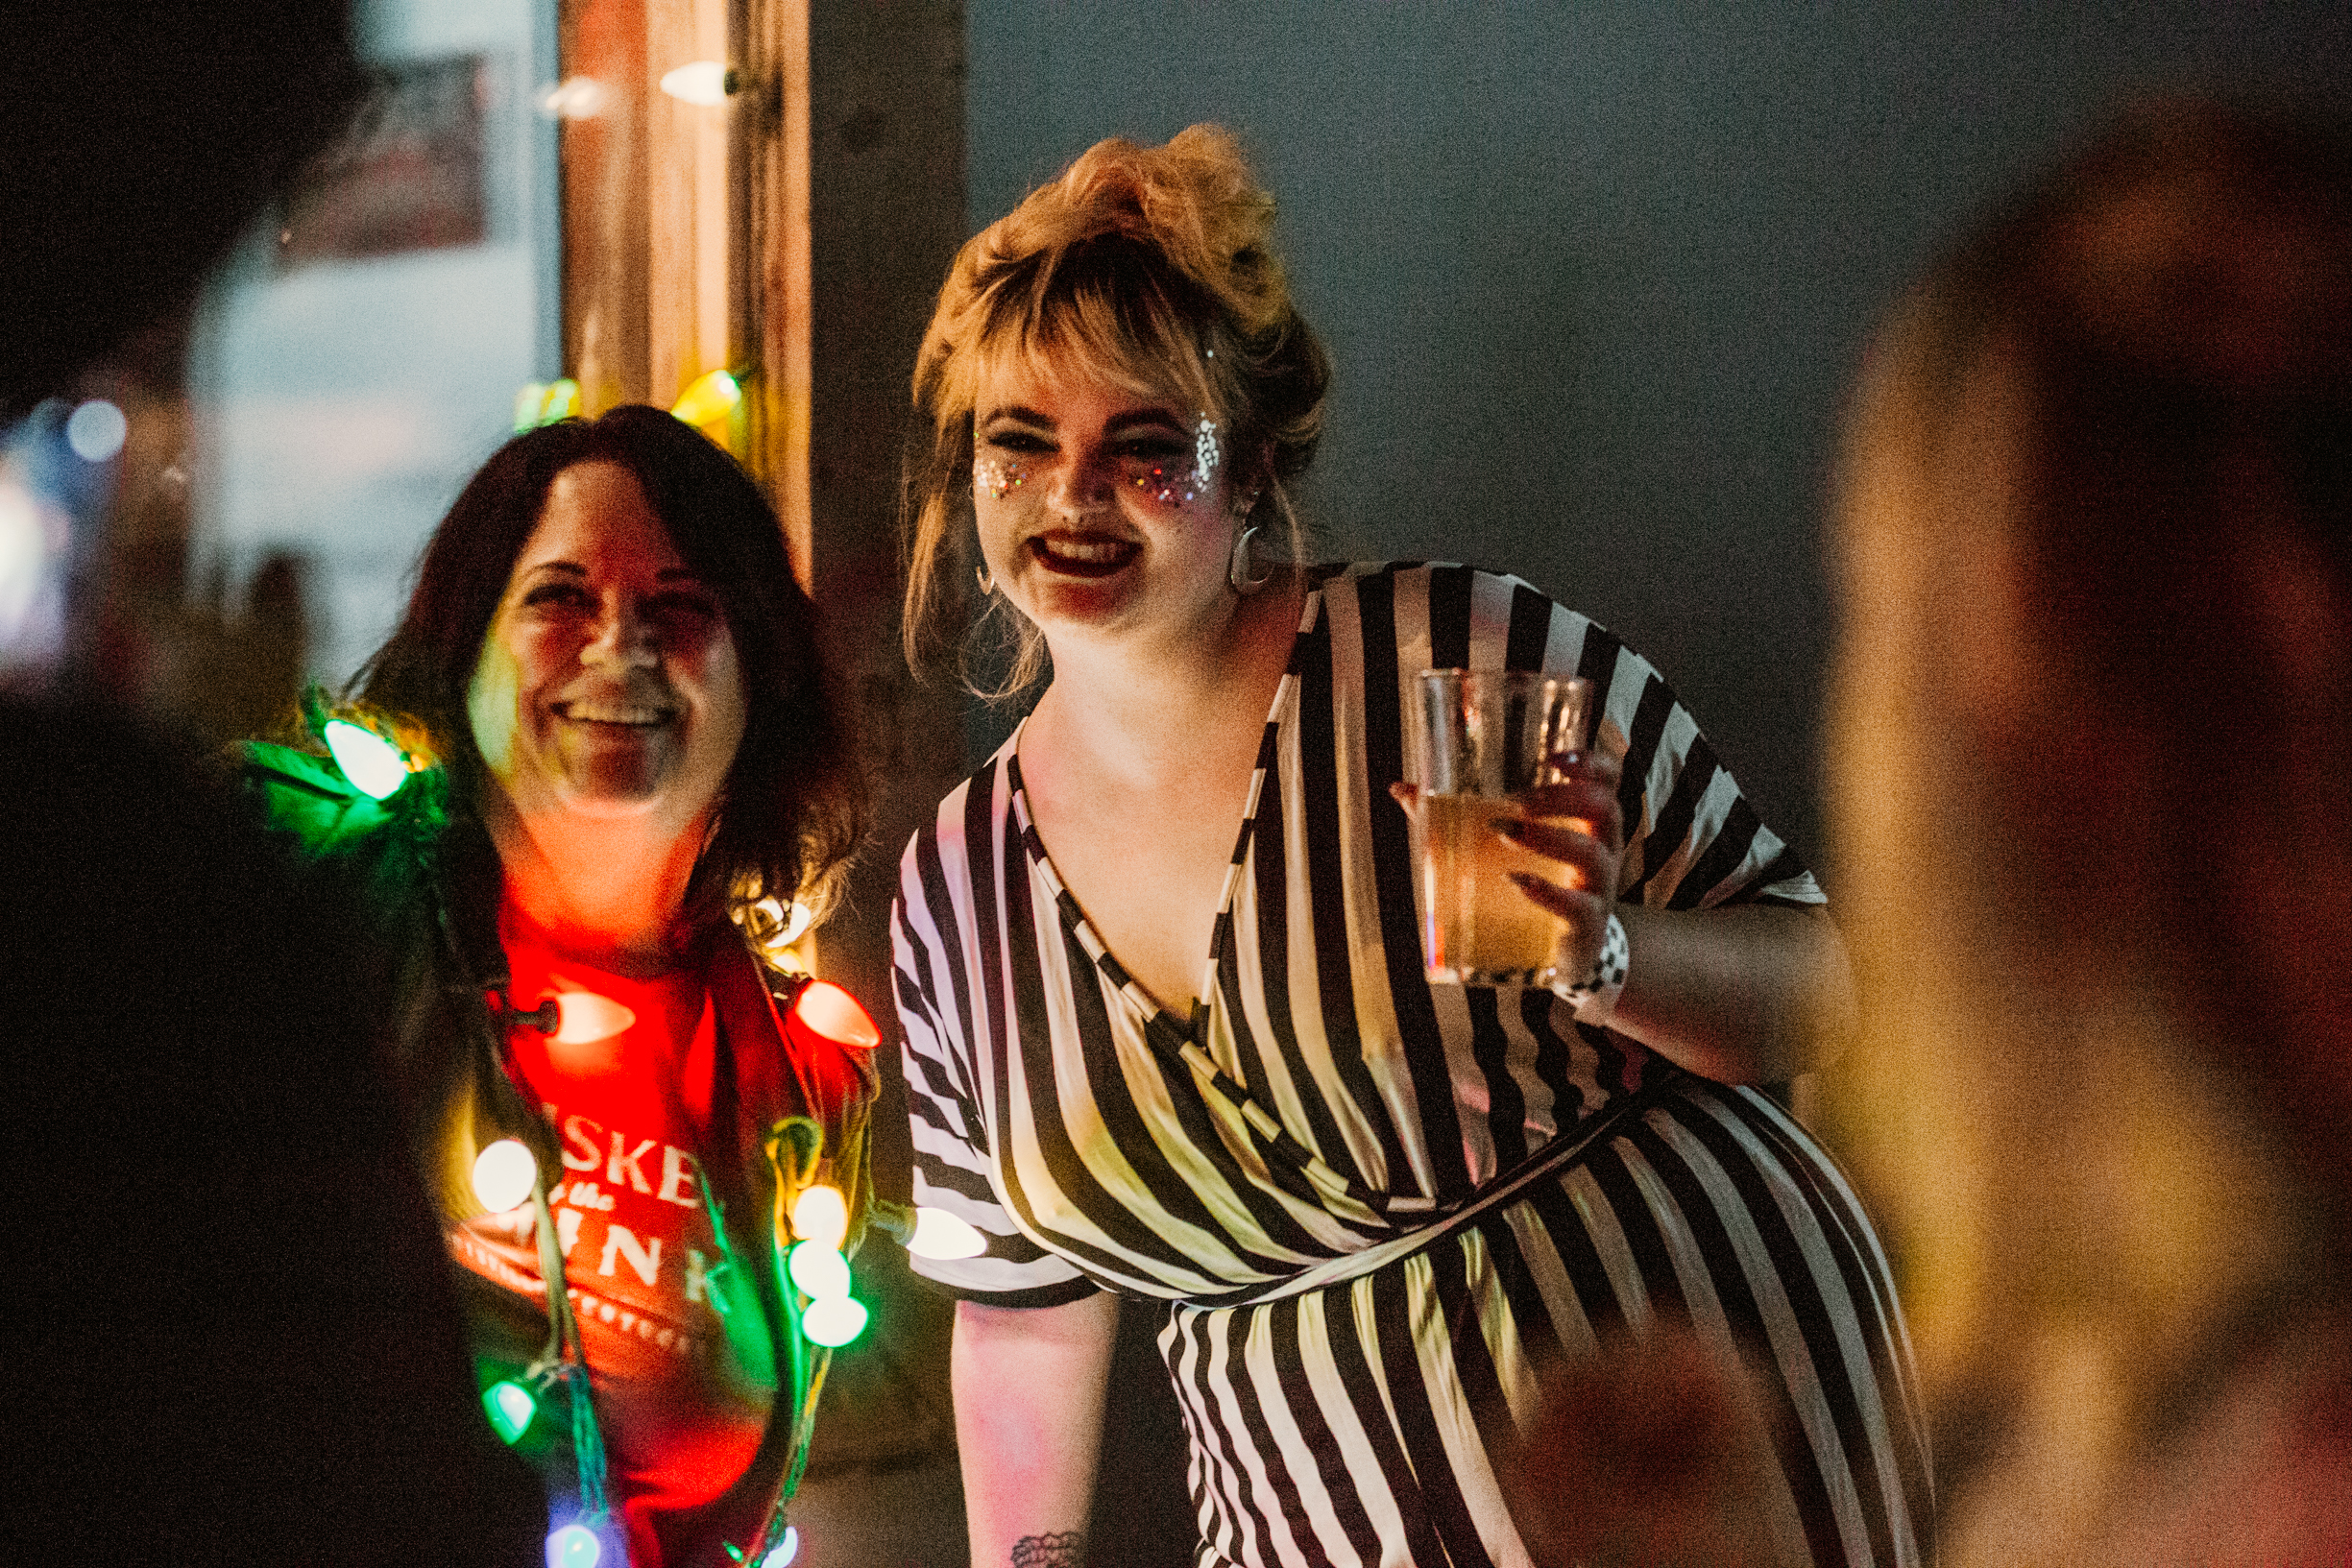 FEVA Winona Ryd or Die 4-14-18 Butchertown Social Crystal Ludwick Photo LOW RES (74 of 163).jpg